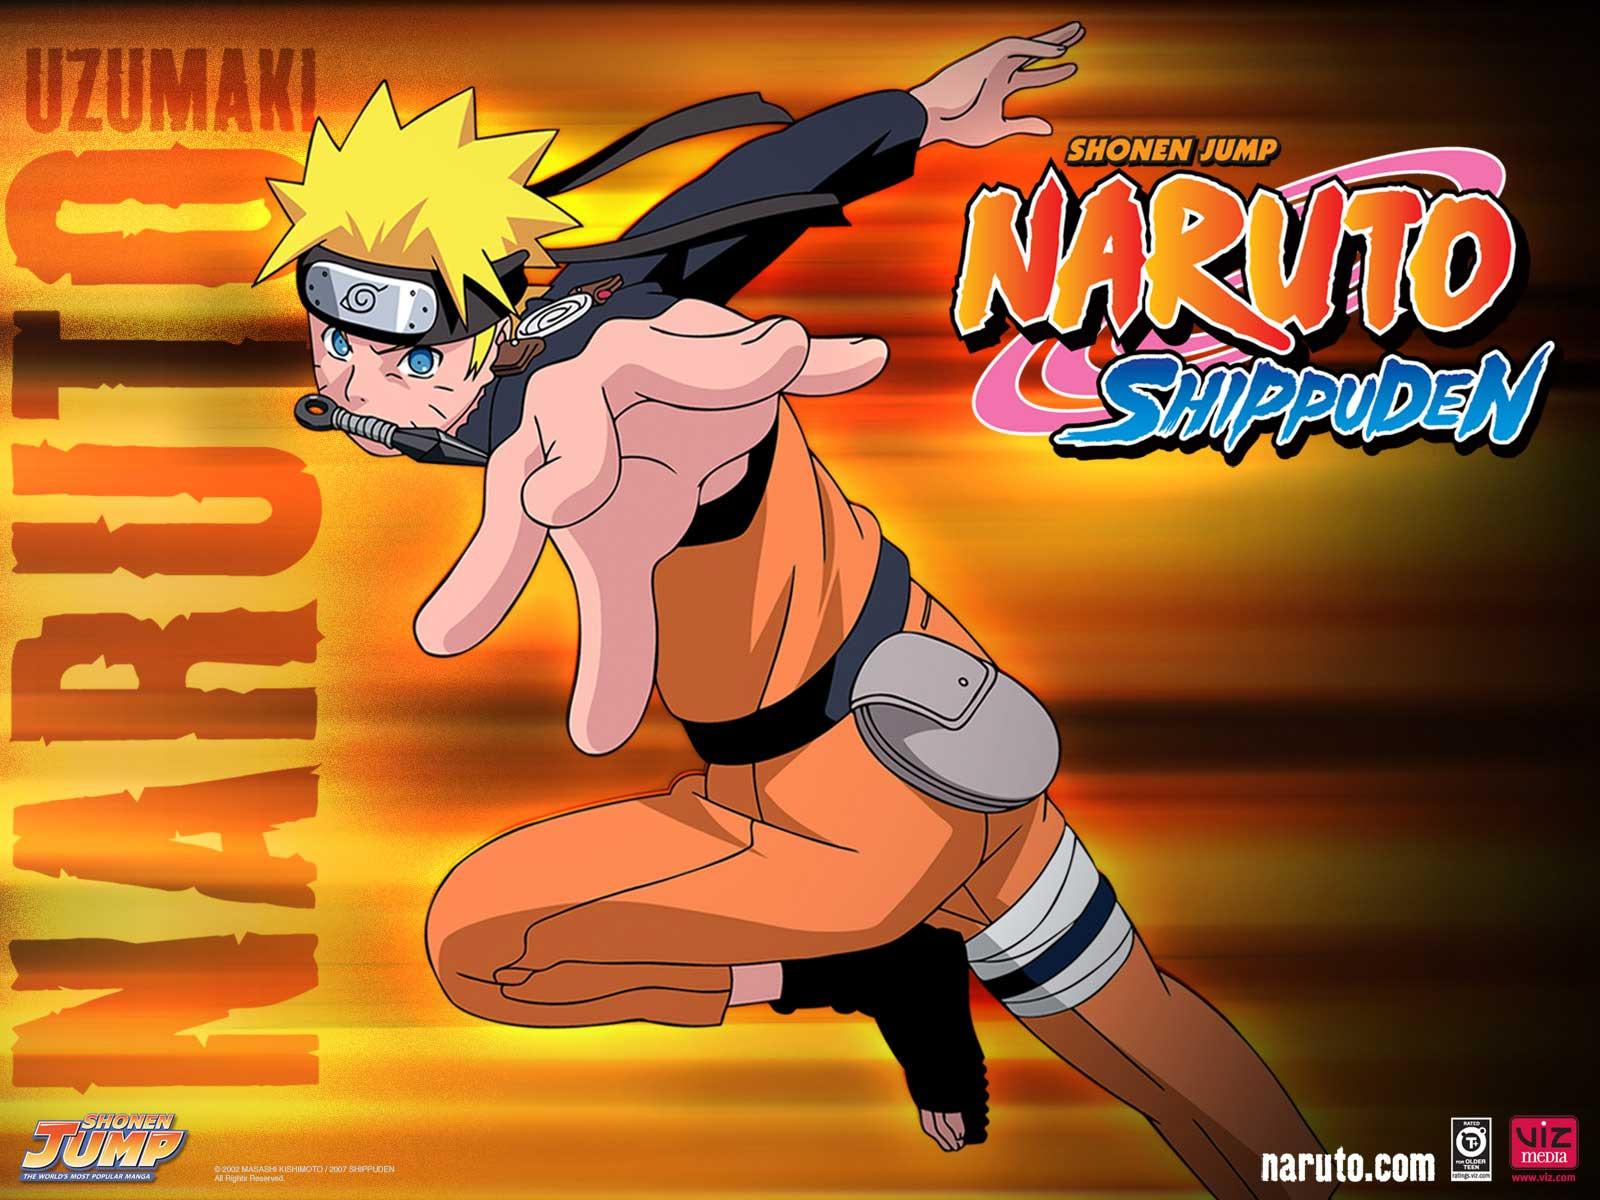 Naruto Shippuden - Uzumaki Naruto